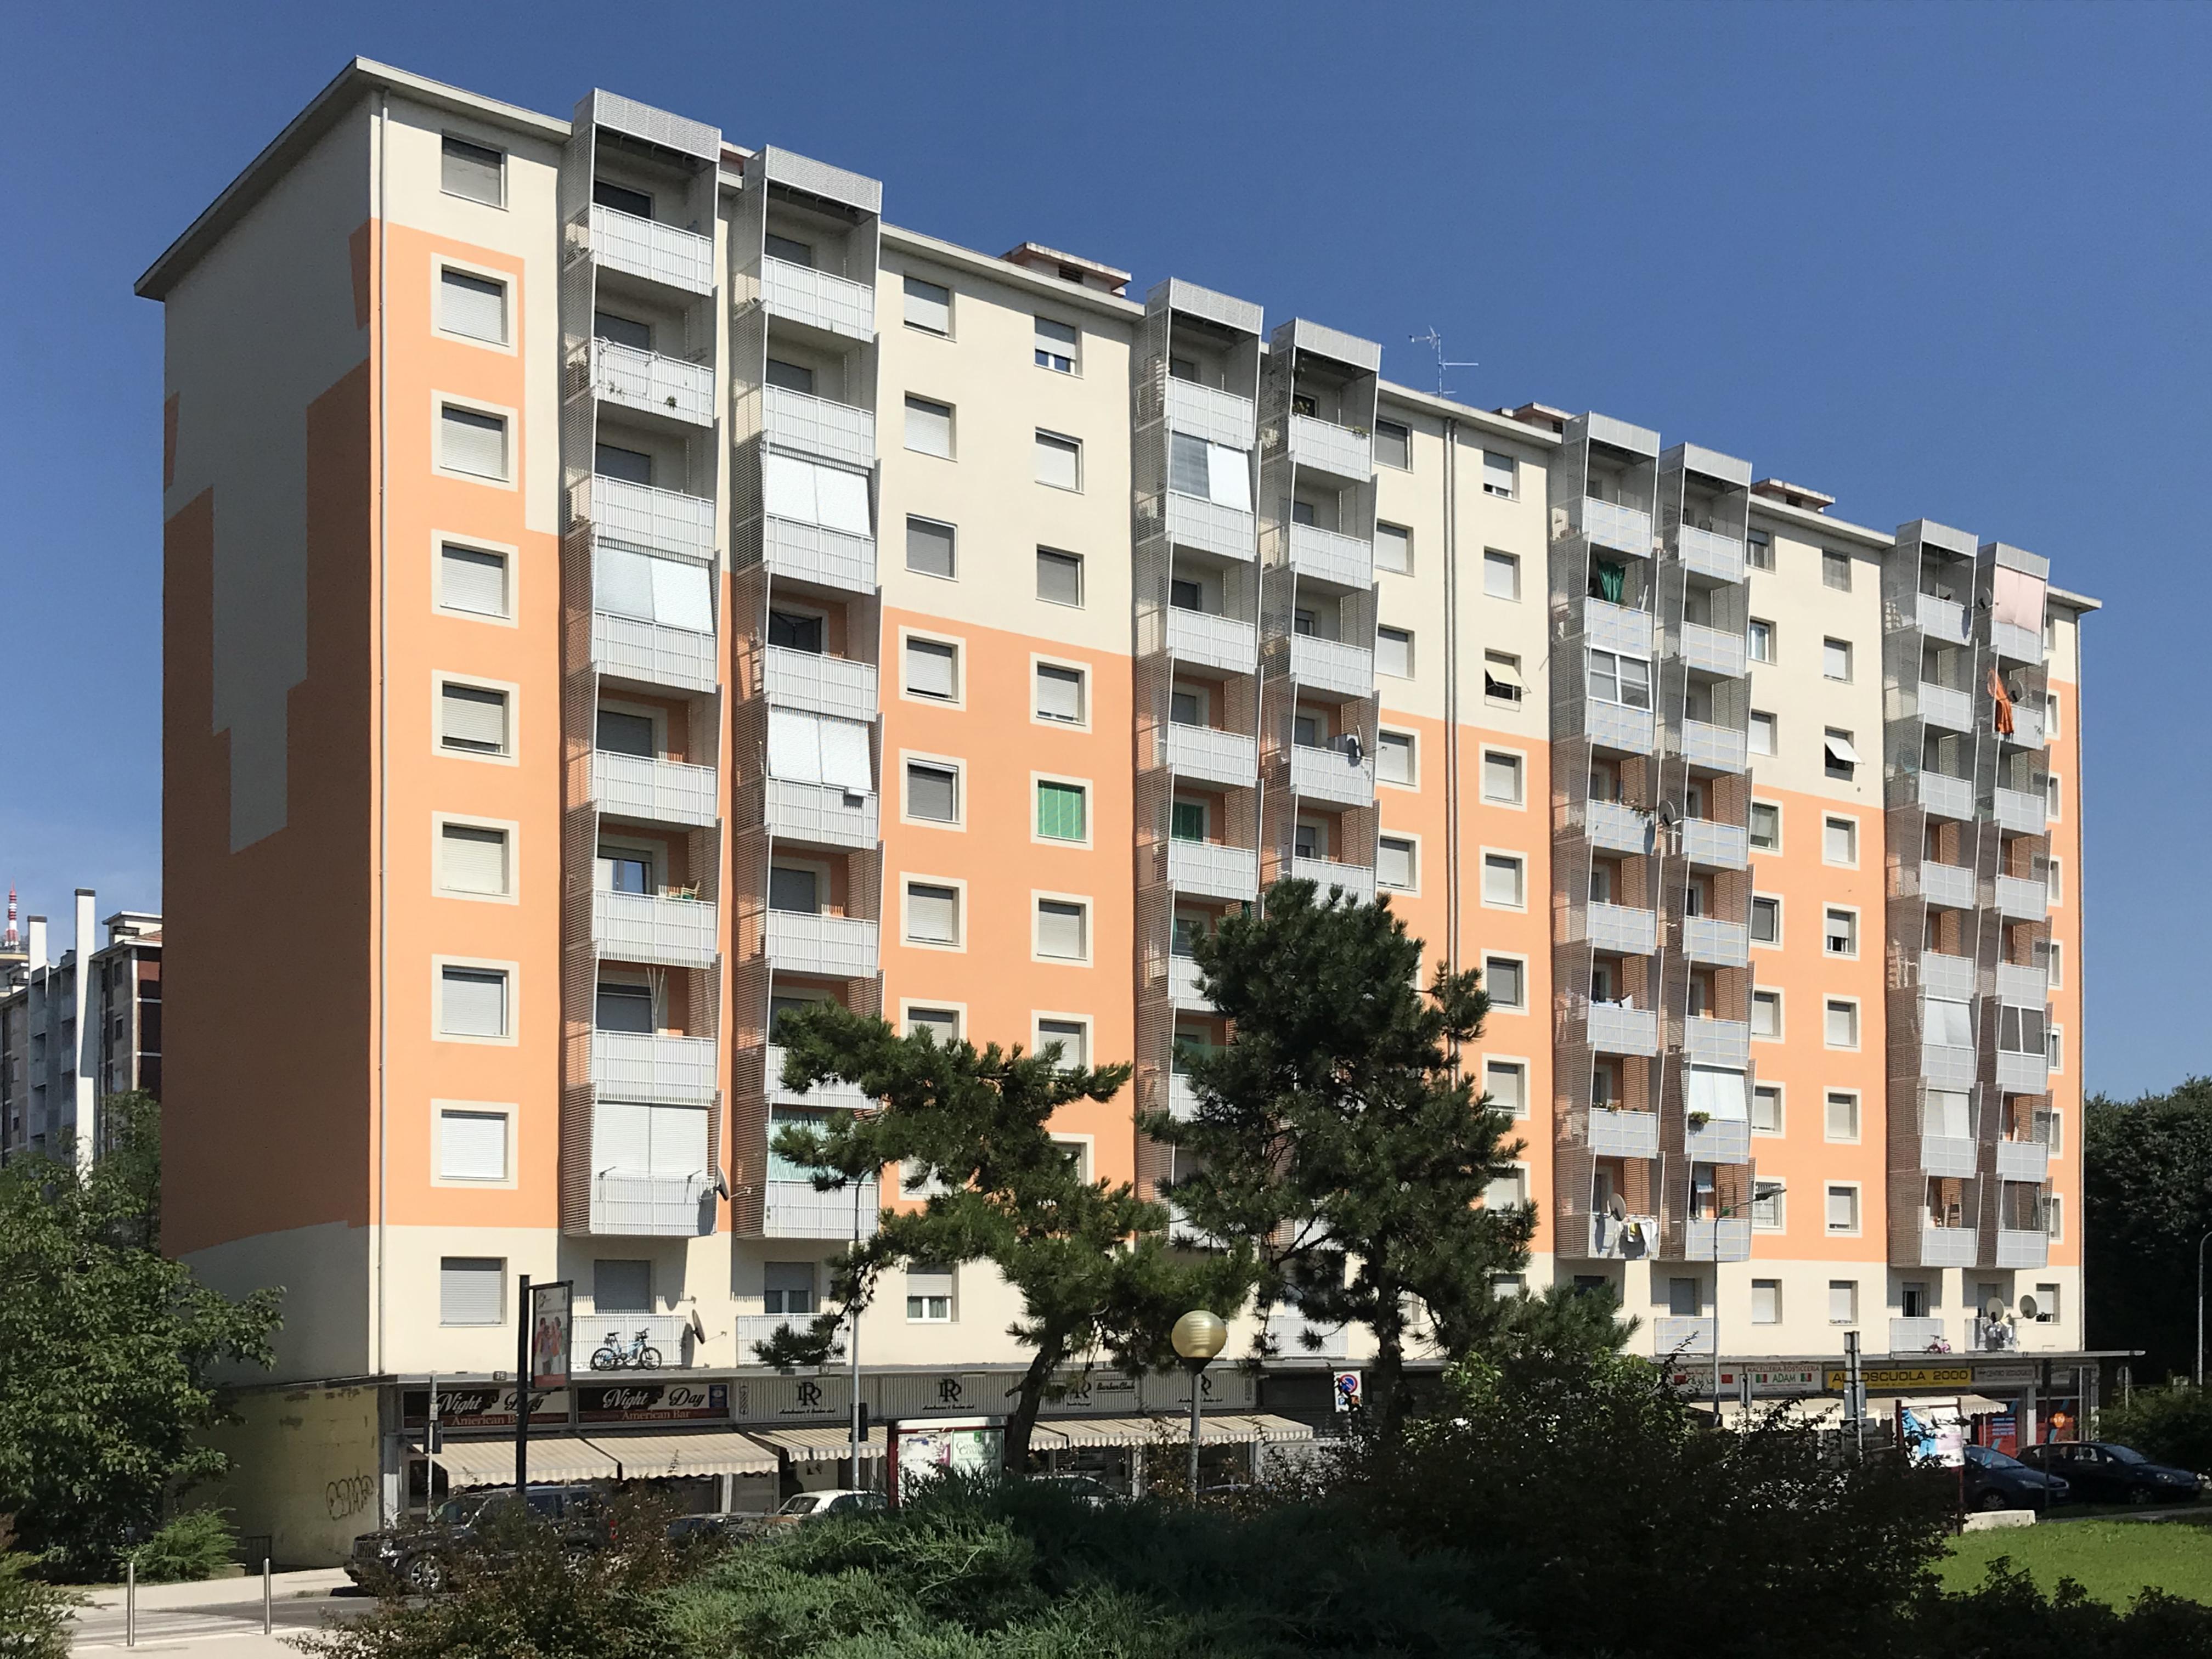 Manutenzione Straordinaria edifici in Via Mandorli a Rozzano – SERGIO AGAPE